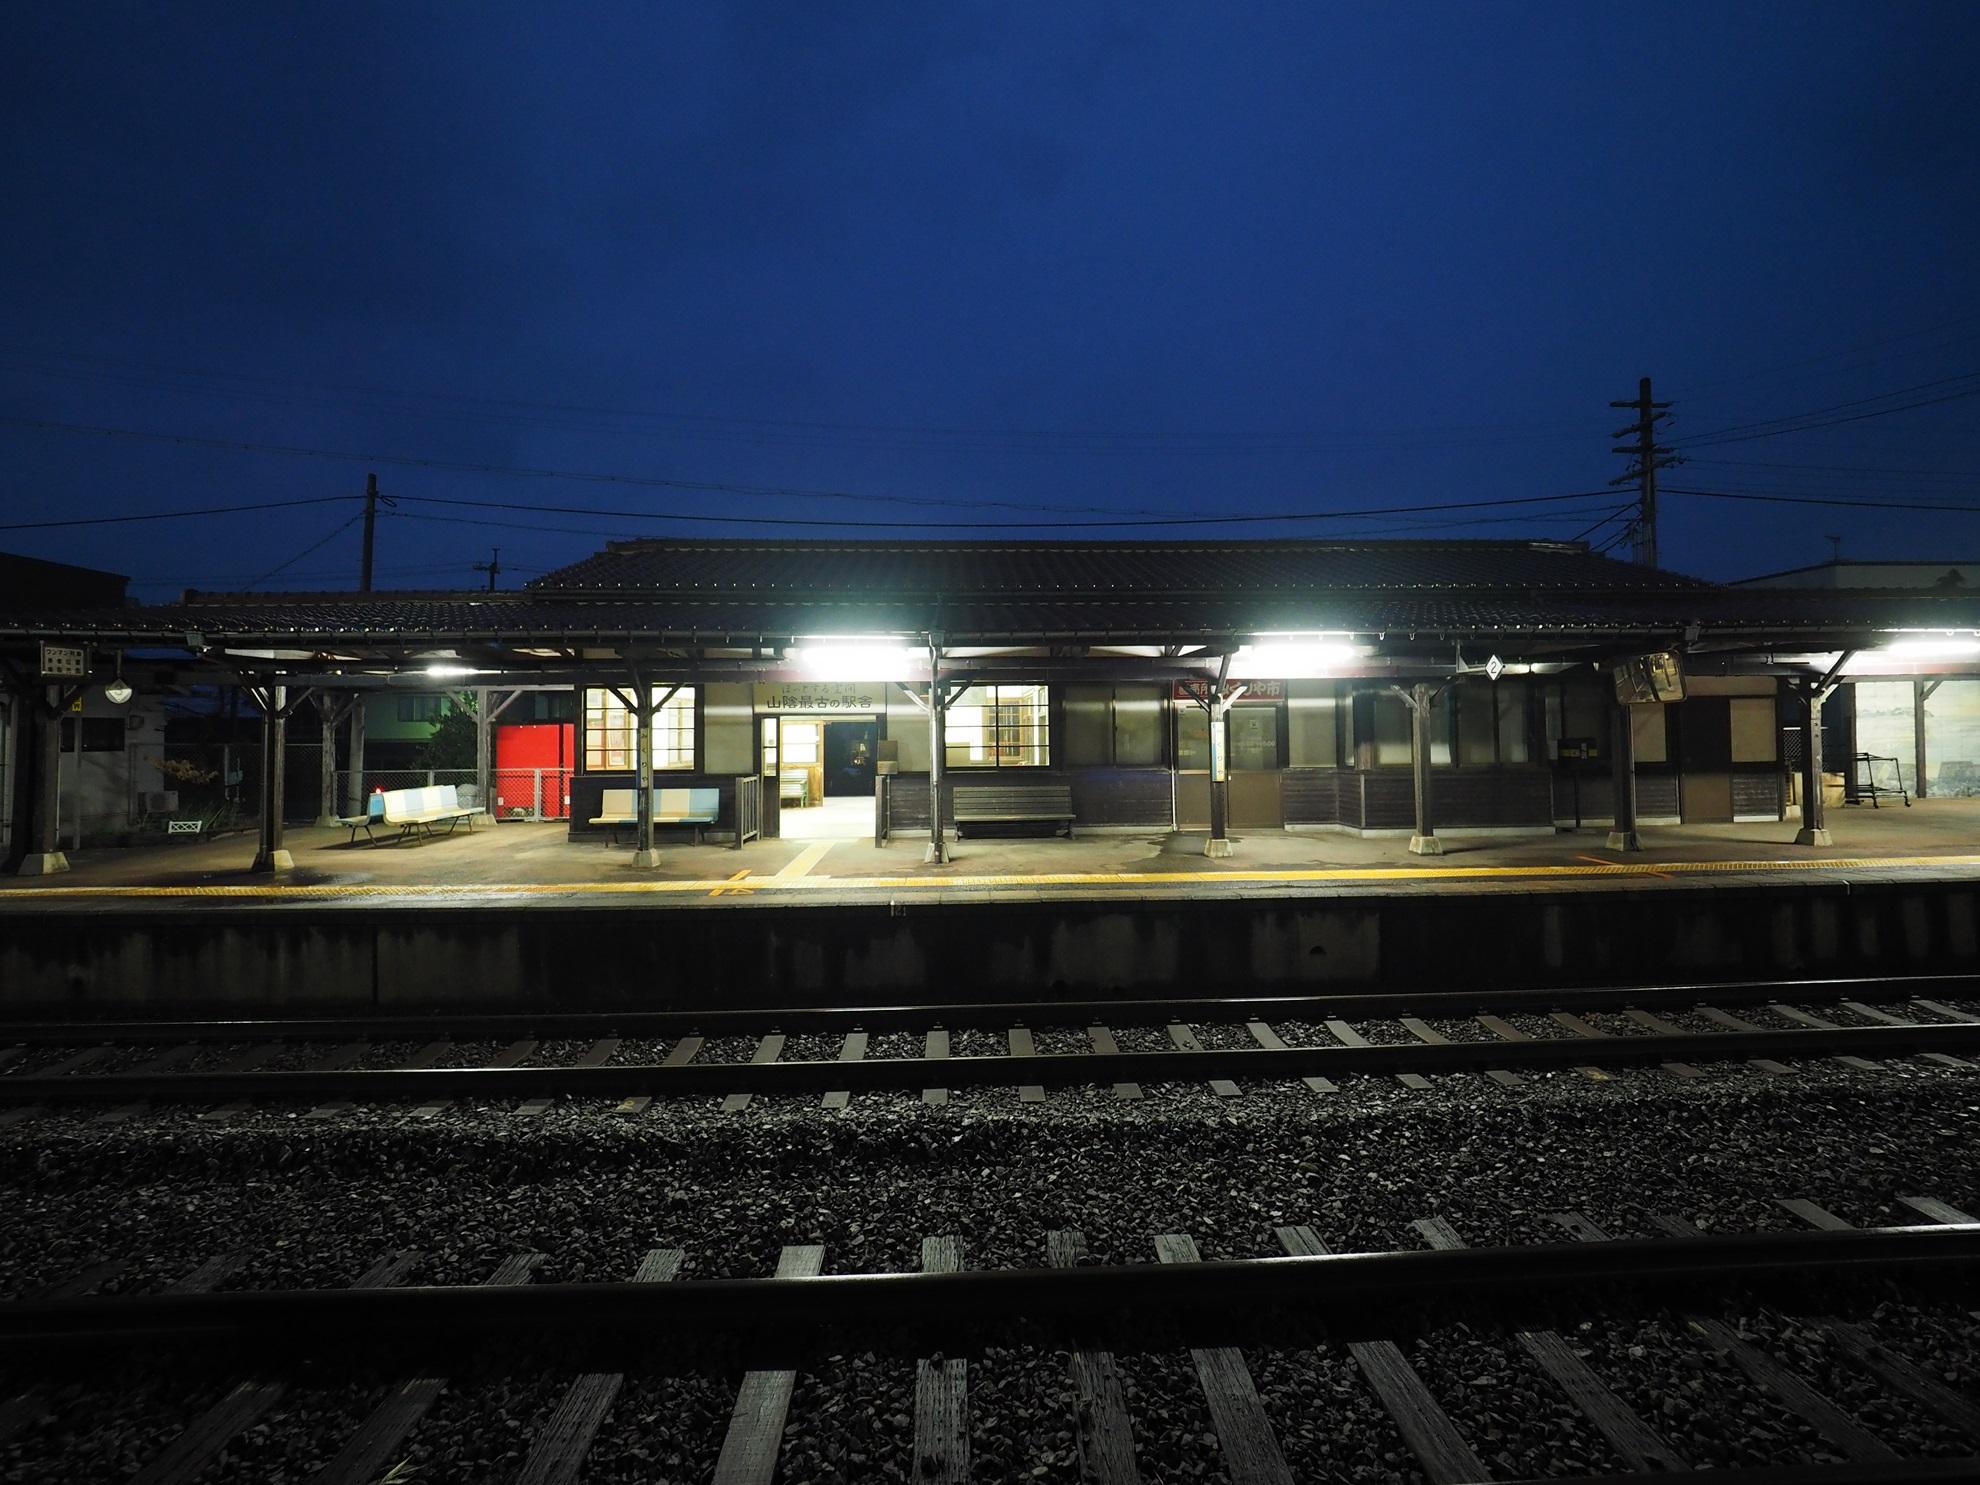 御来屋駅 駅舎 夜